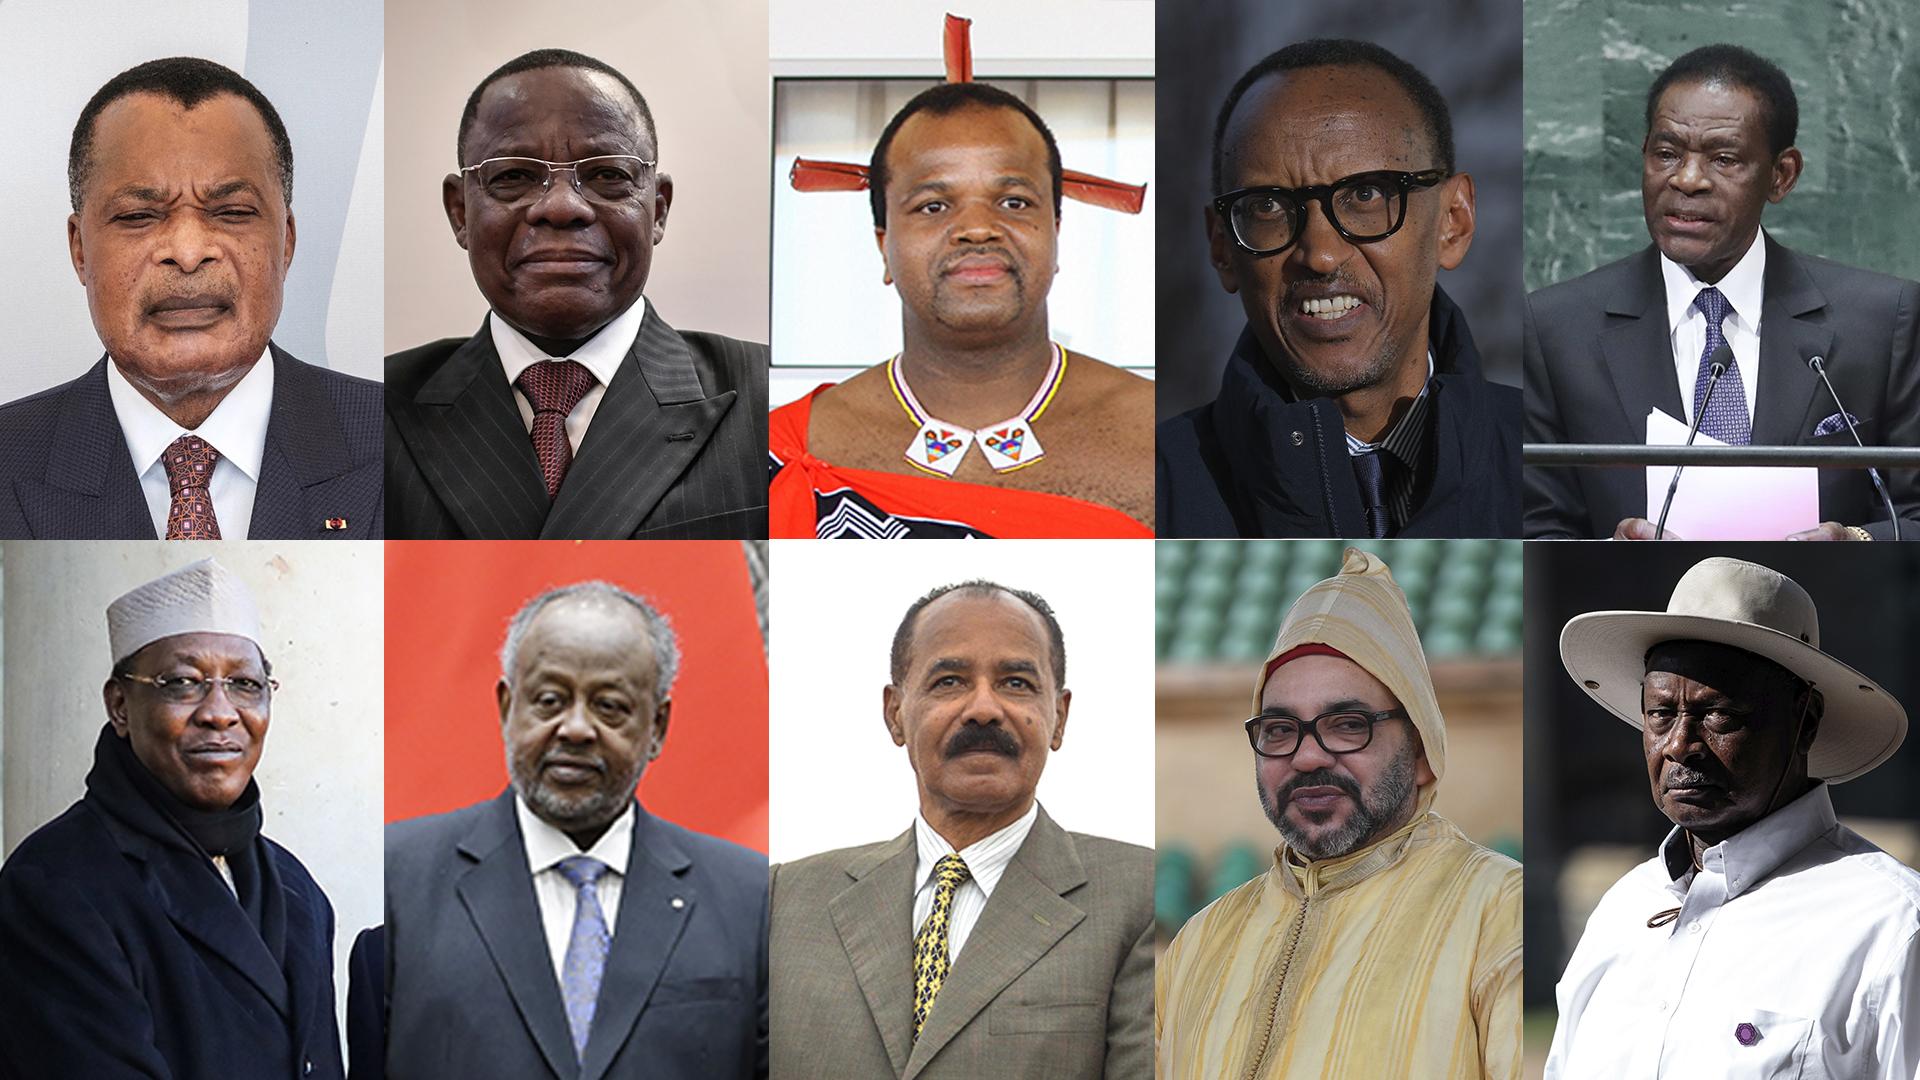 ТОП-10: самые долгоправящие политики и монархи Африки